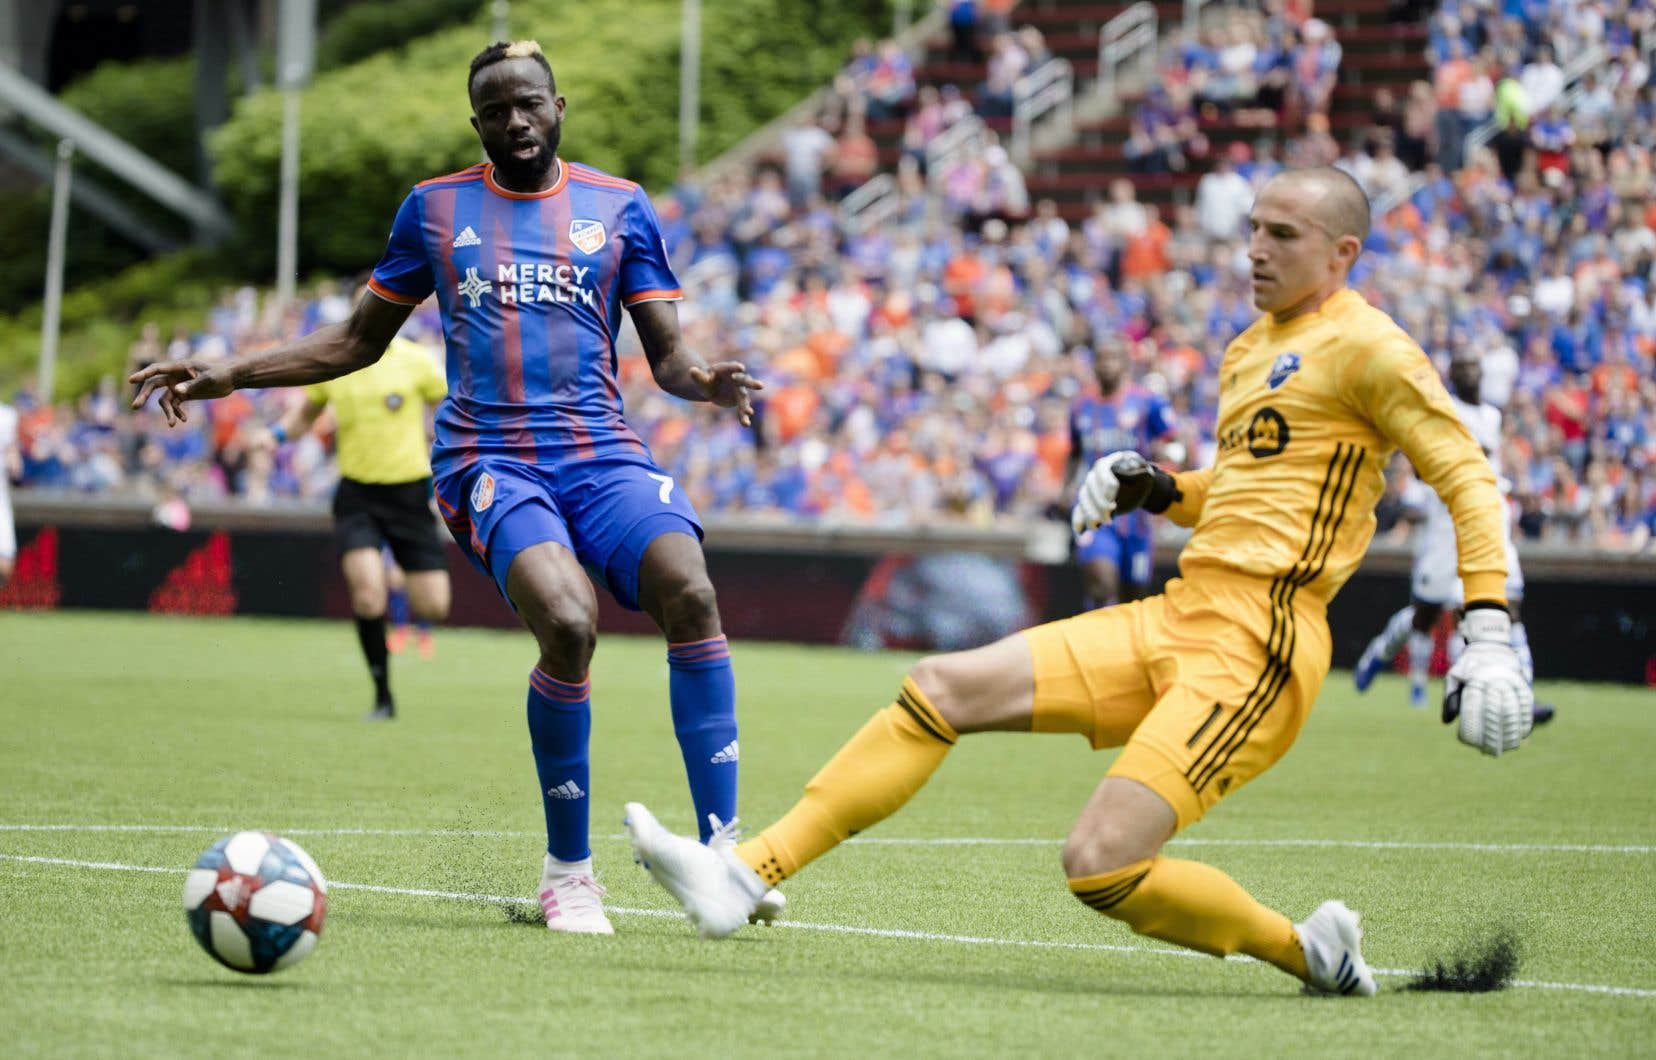 Le gardien de l'Impact de Montréal (en premier plan), Evan Bush, élimine le ballon de l'attaquant du FC Cincinnati lors d'un match de soccer de la MLS.